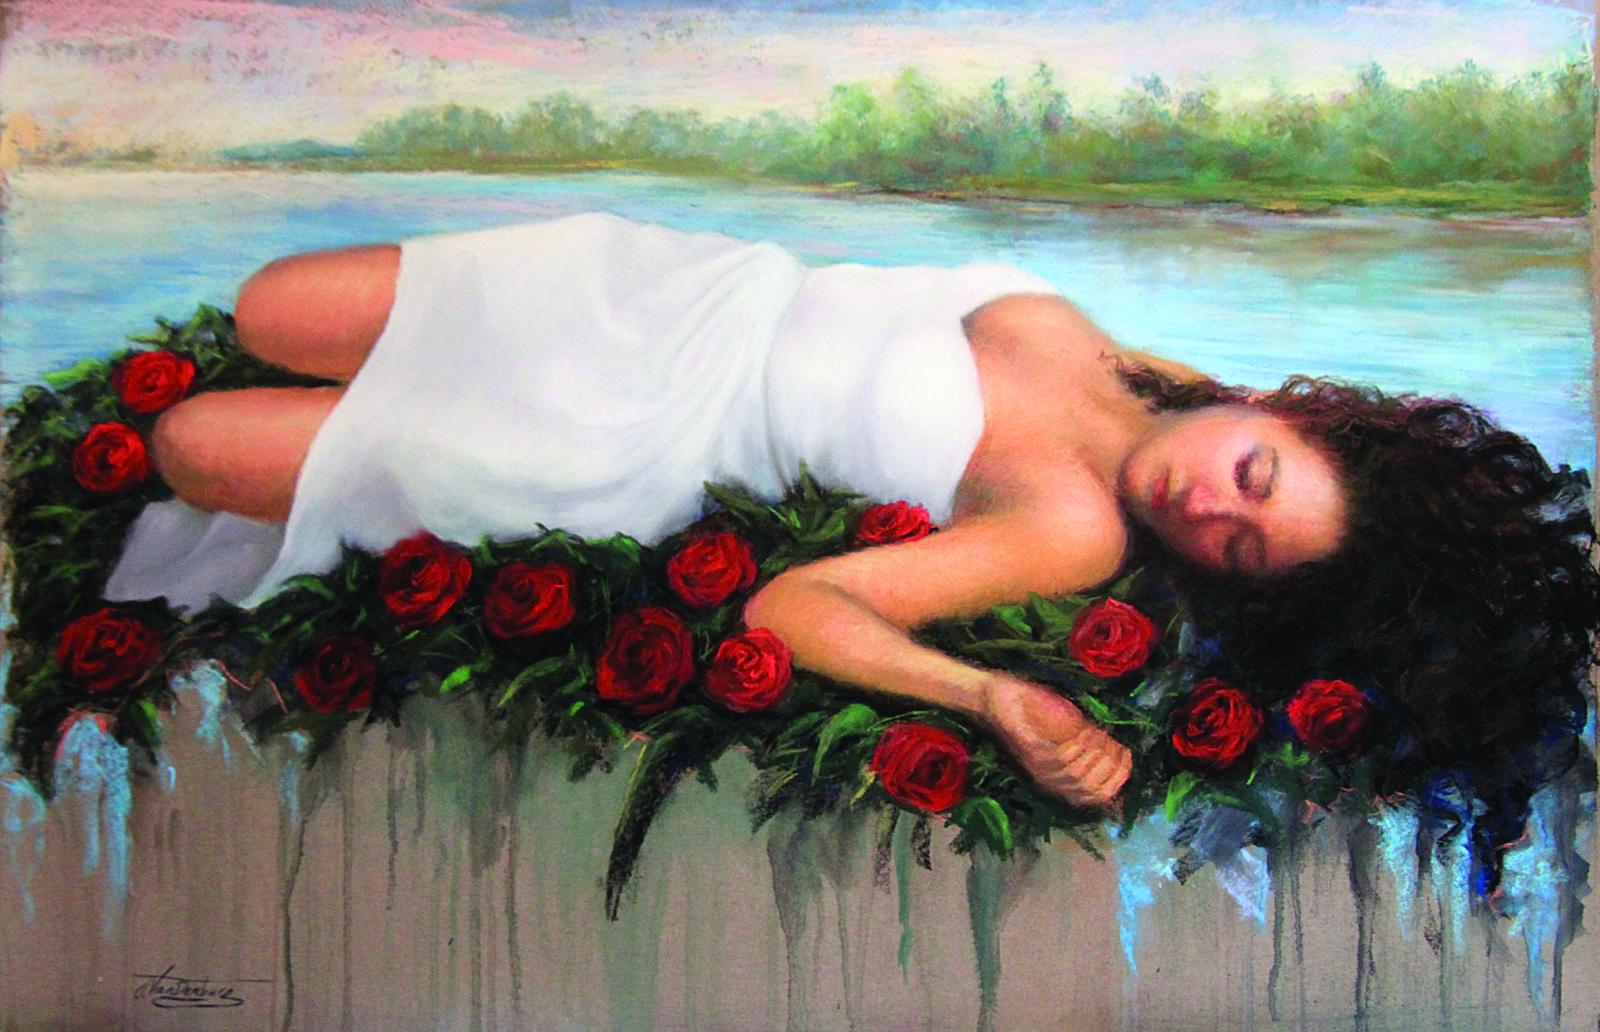 15_Bed of Roses.jpg